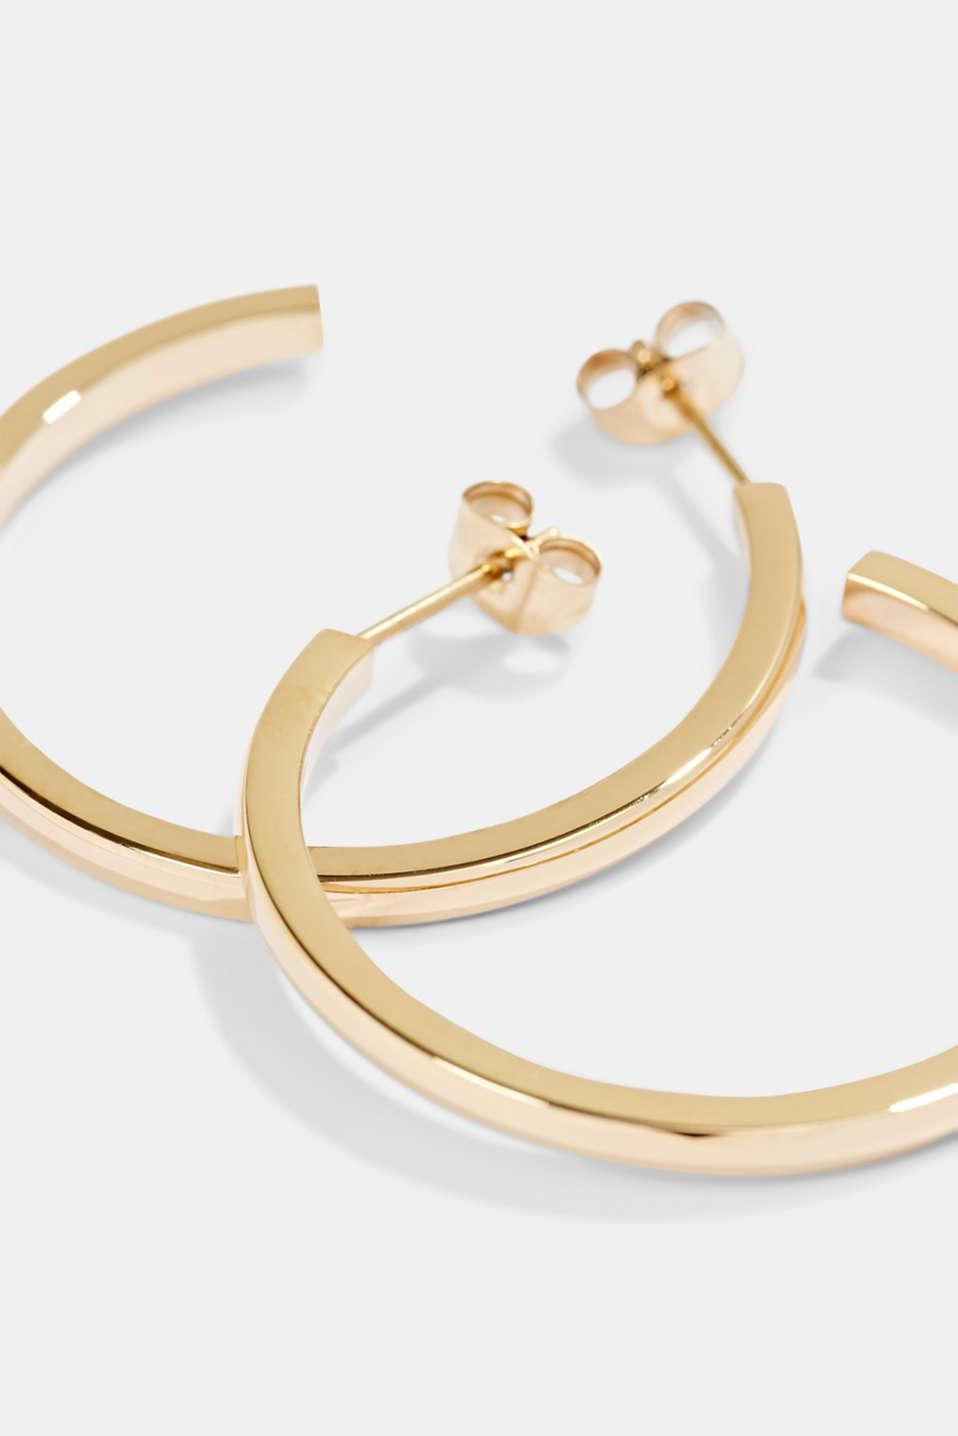 Stainless-steel hoop earrings, GOLD, detail image number 1